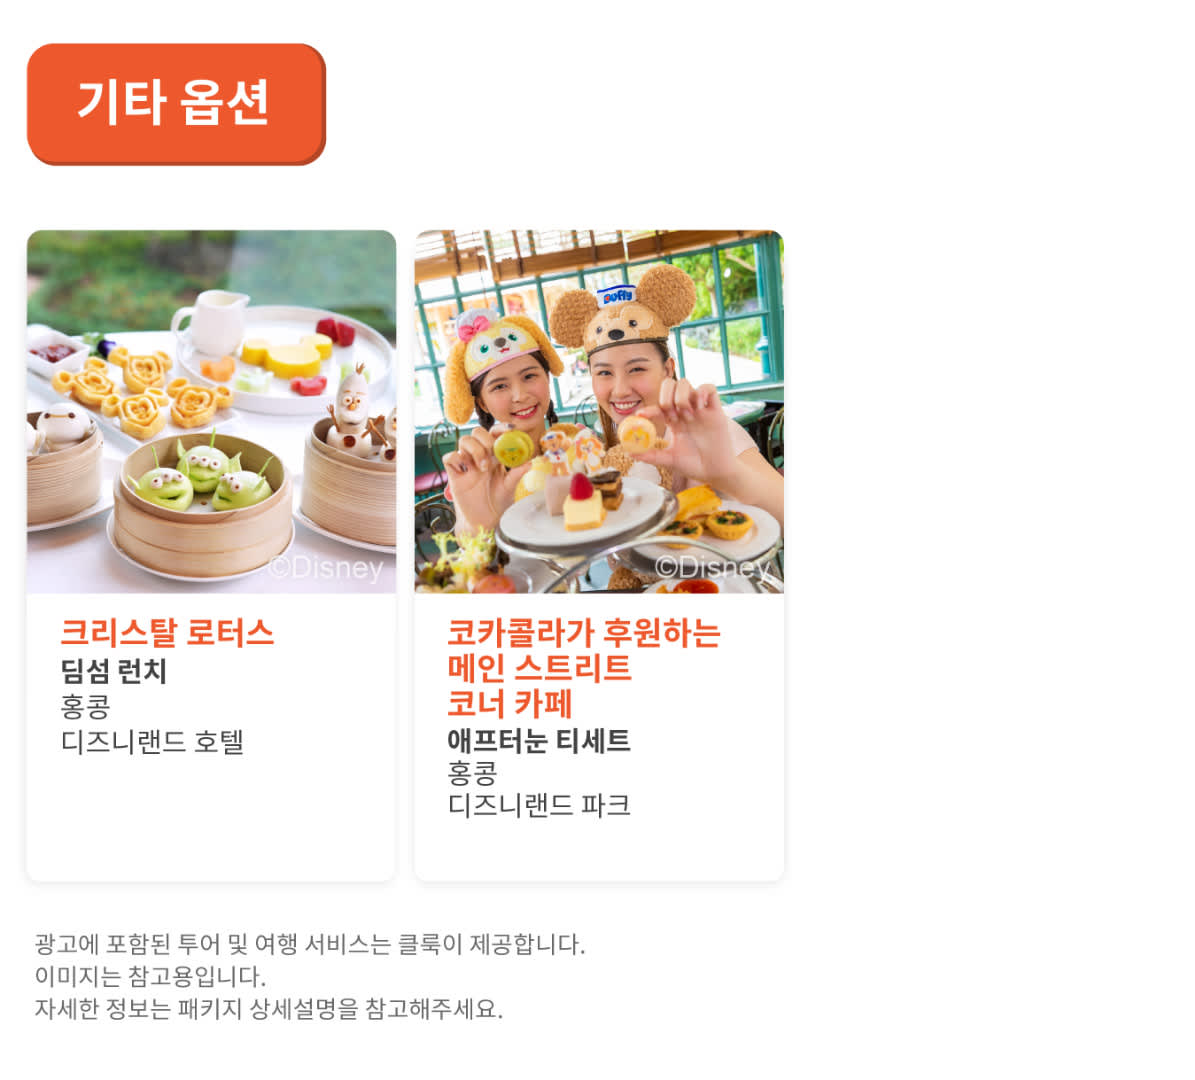 meal packages hong kong disneyland